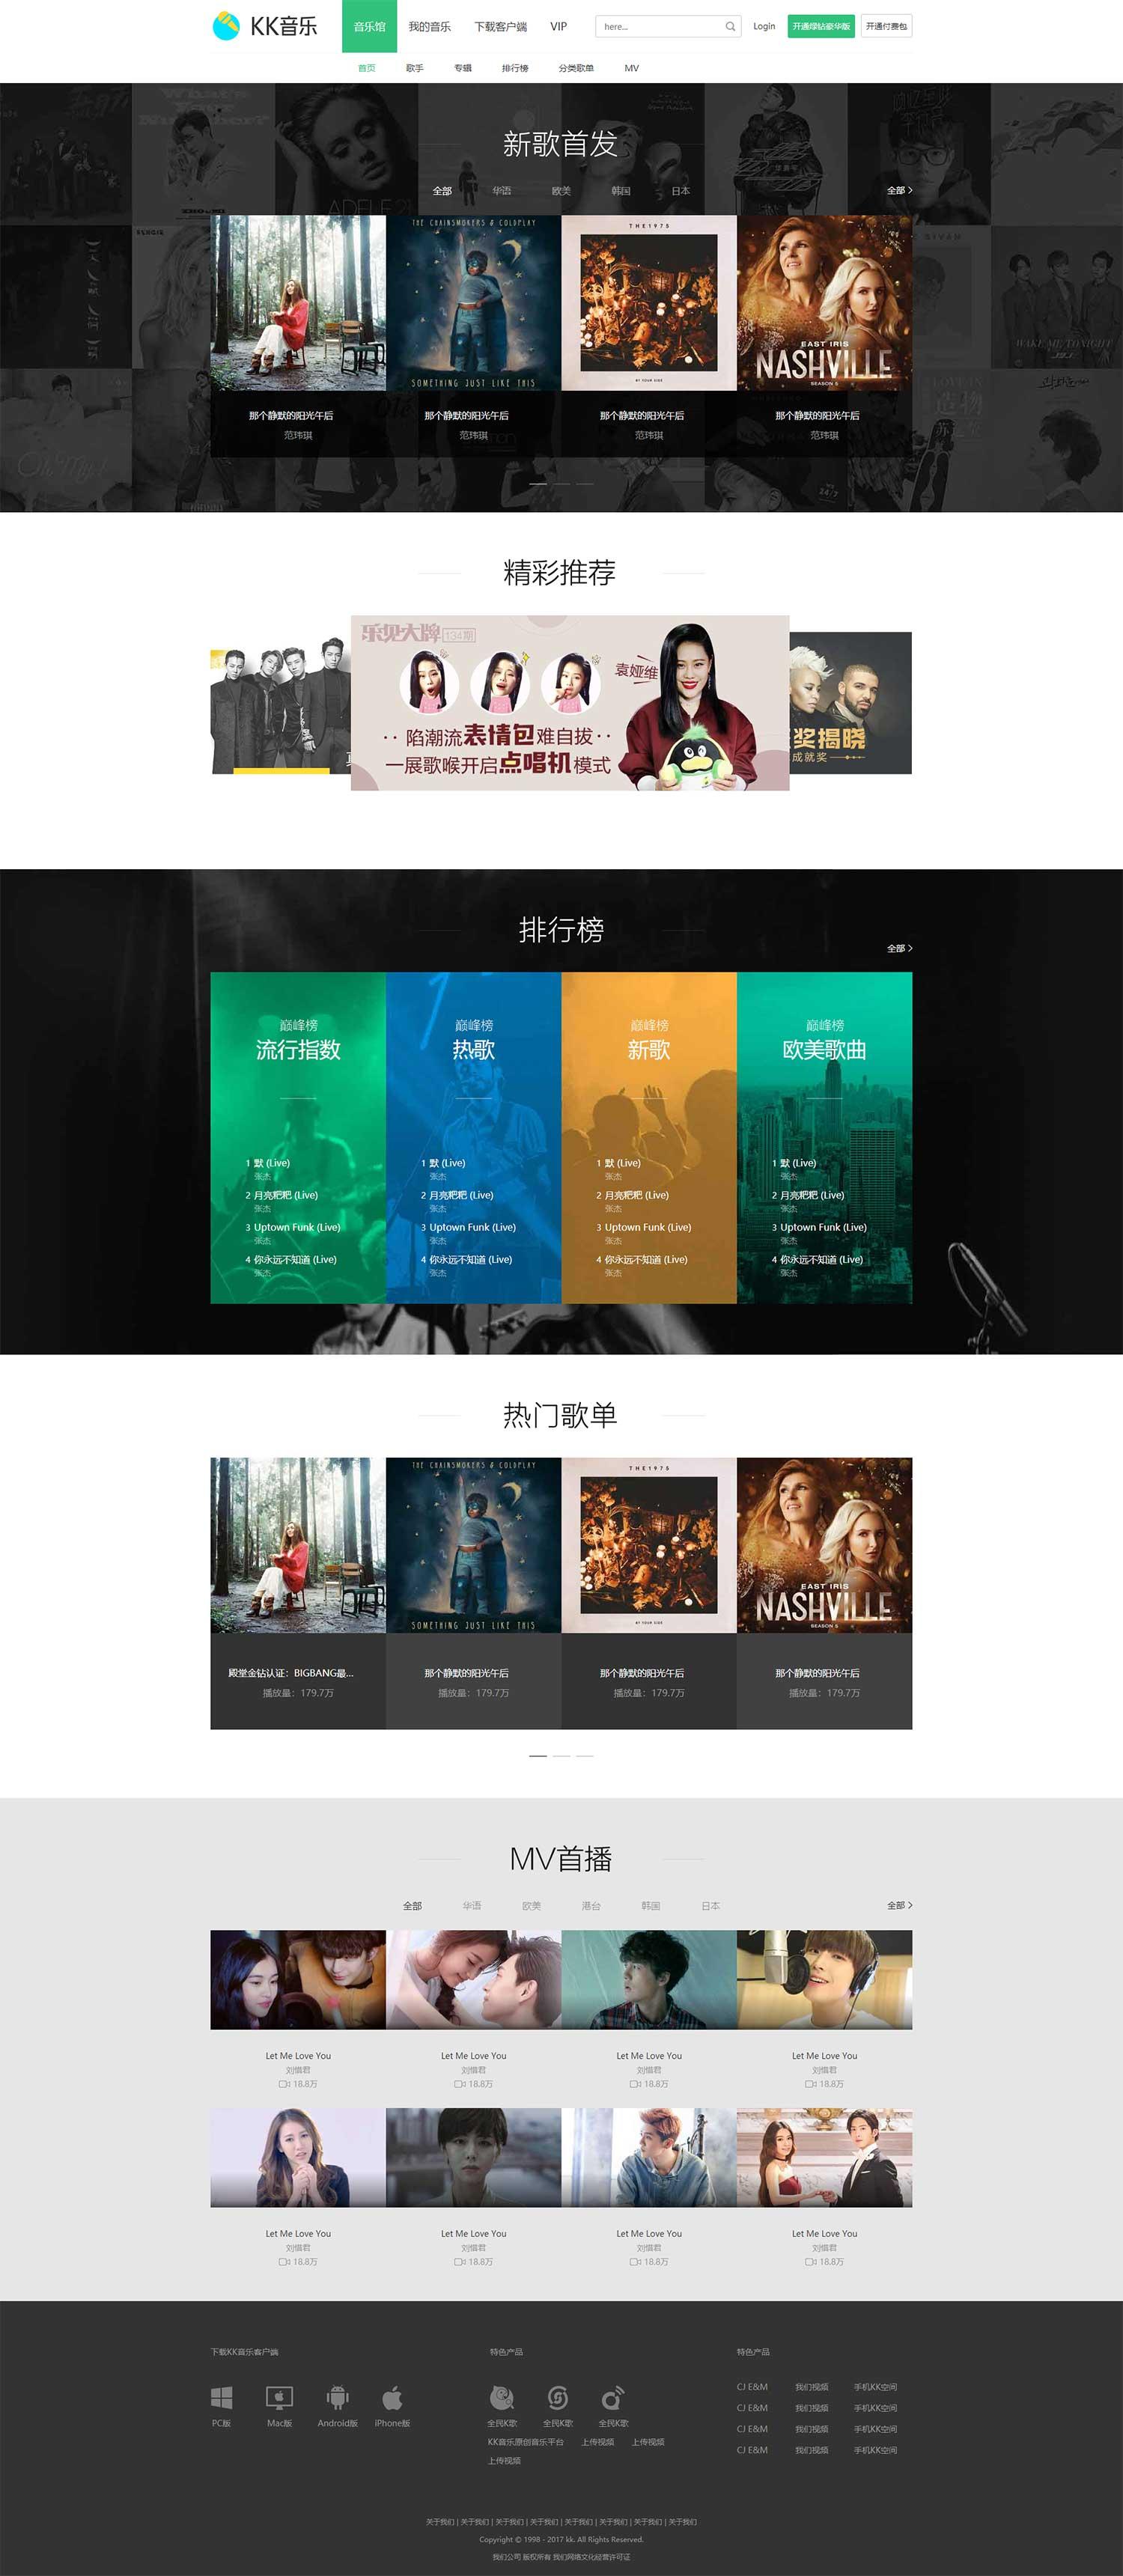 简洁大气的KK音乐官网html模板